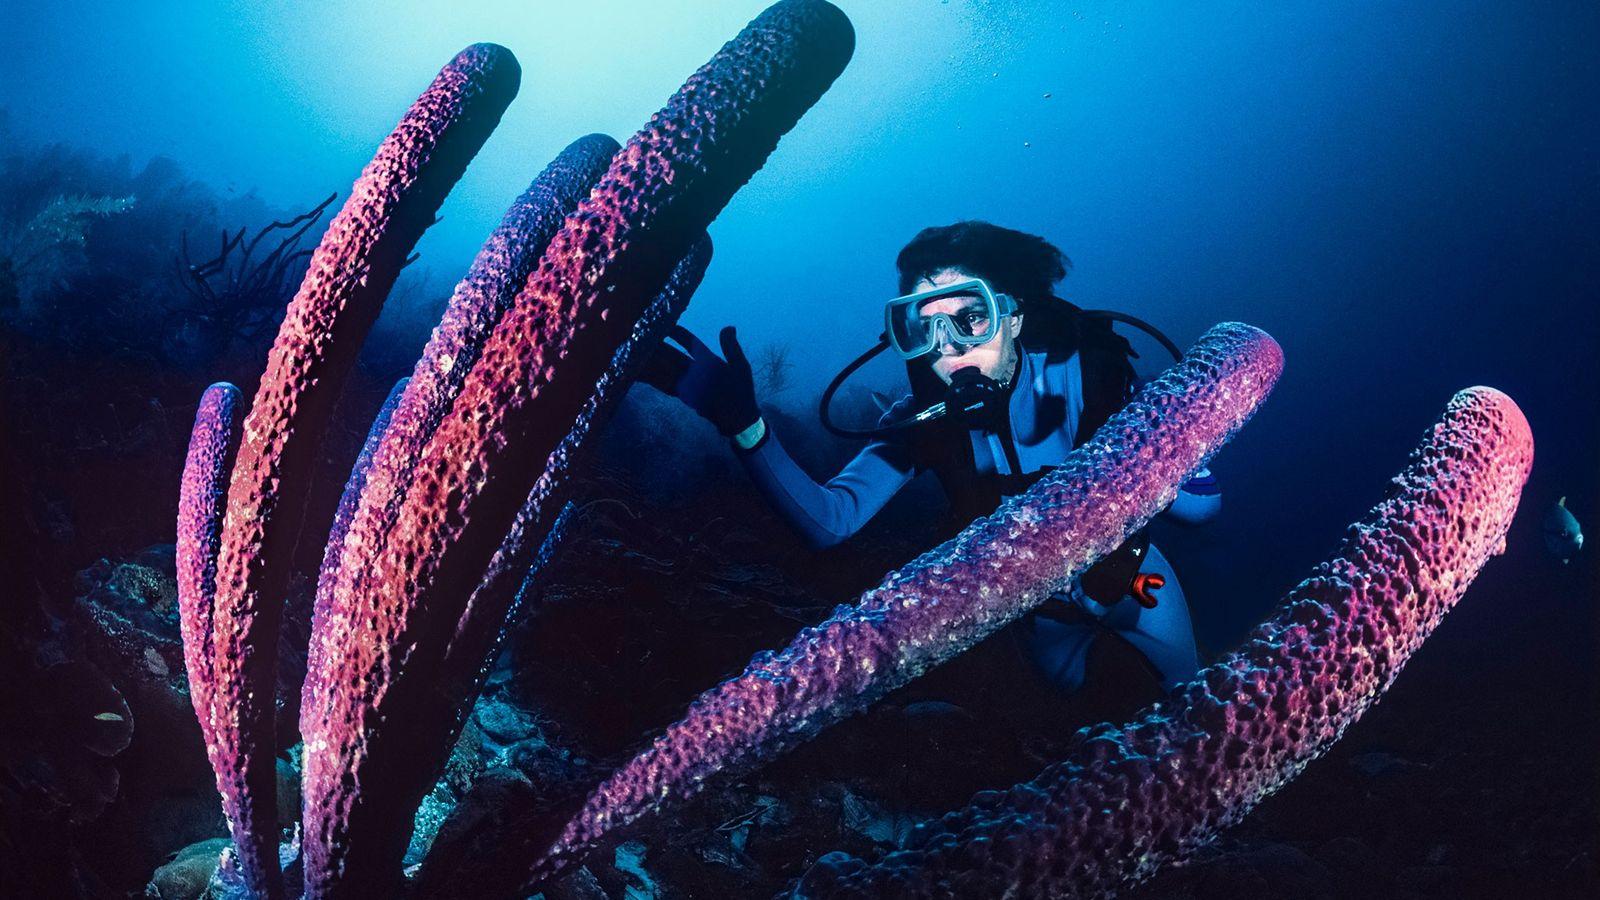 Sylvia Earle observe une immense éponge tubulaire dans les eaux de Bonaire.